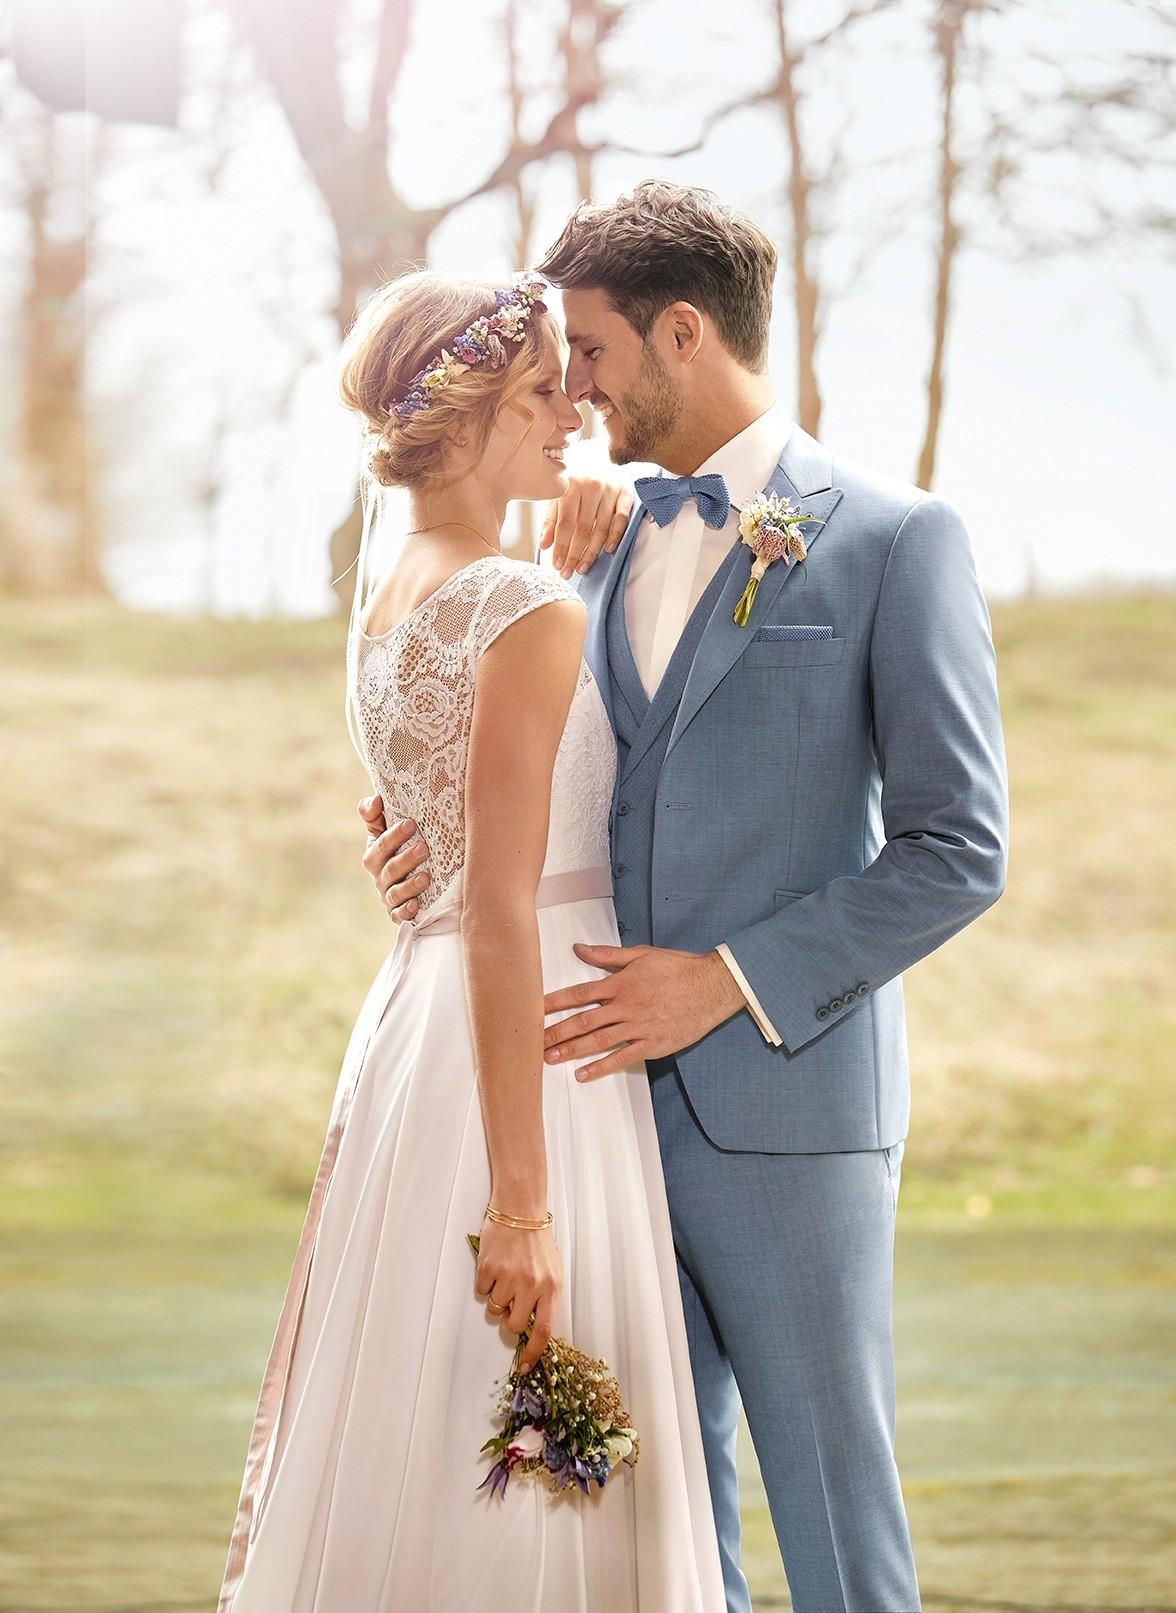 Brautkleider und Herrenanzüge im Haus der Braut & Gentleman